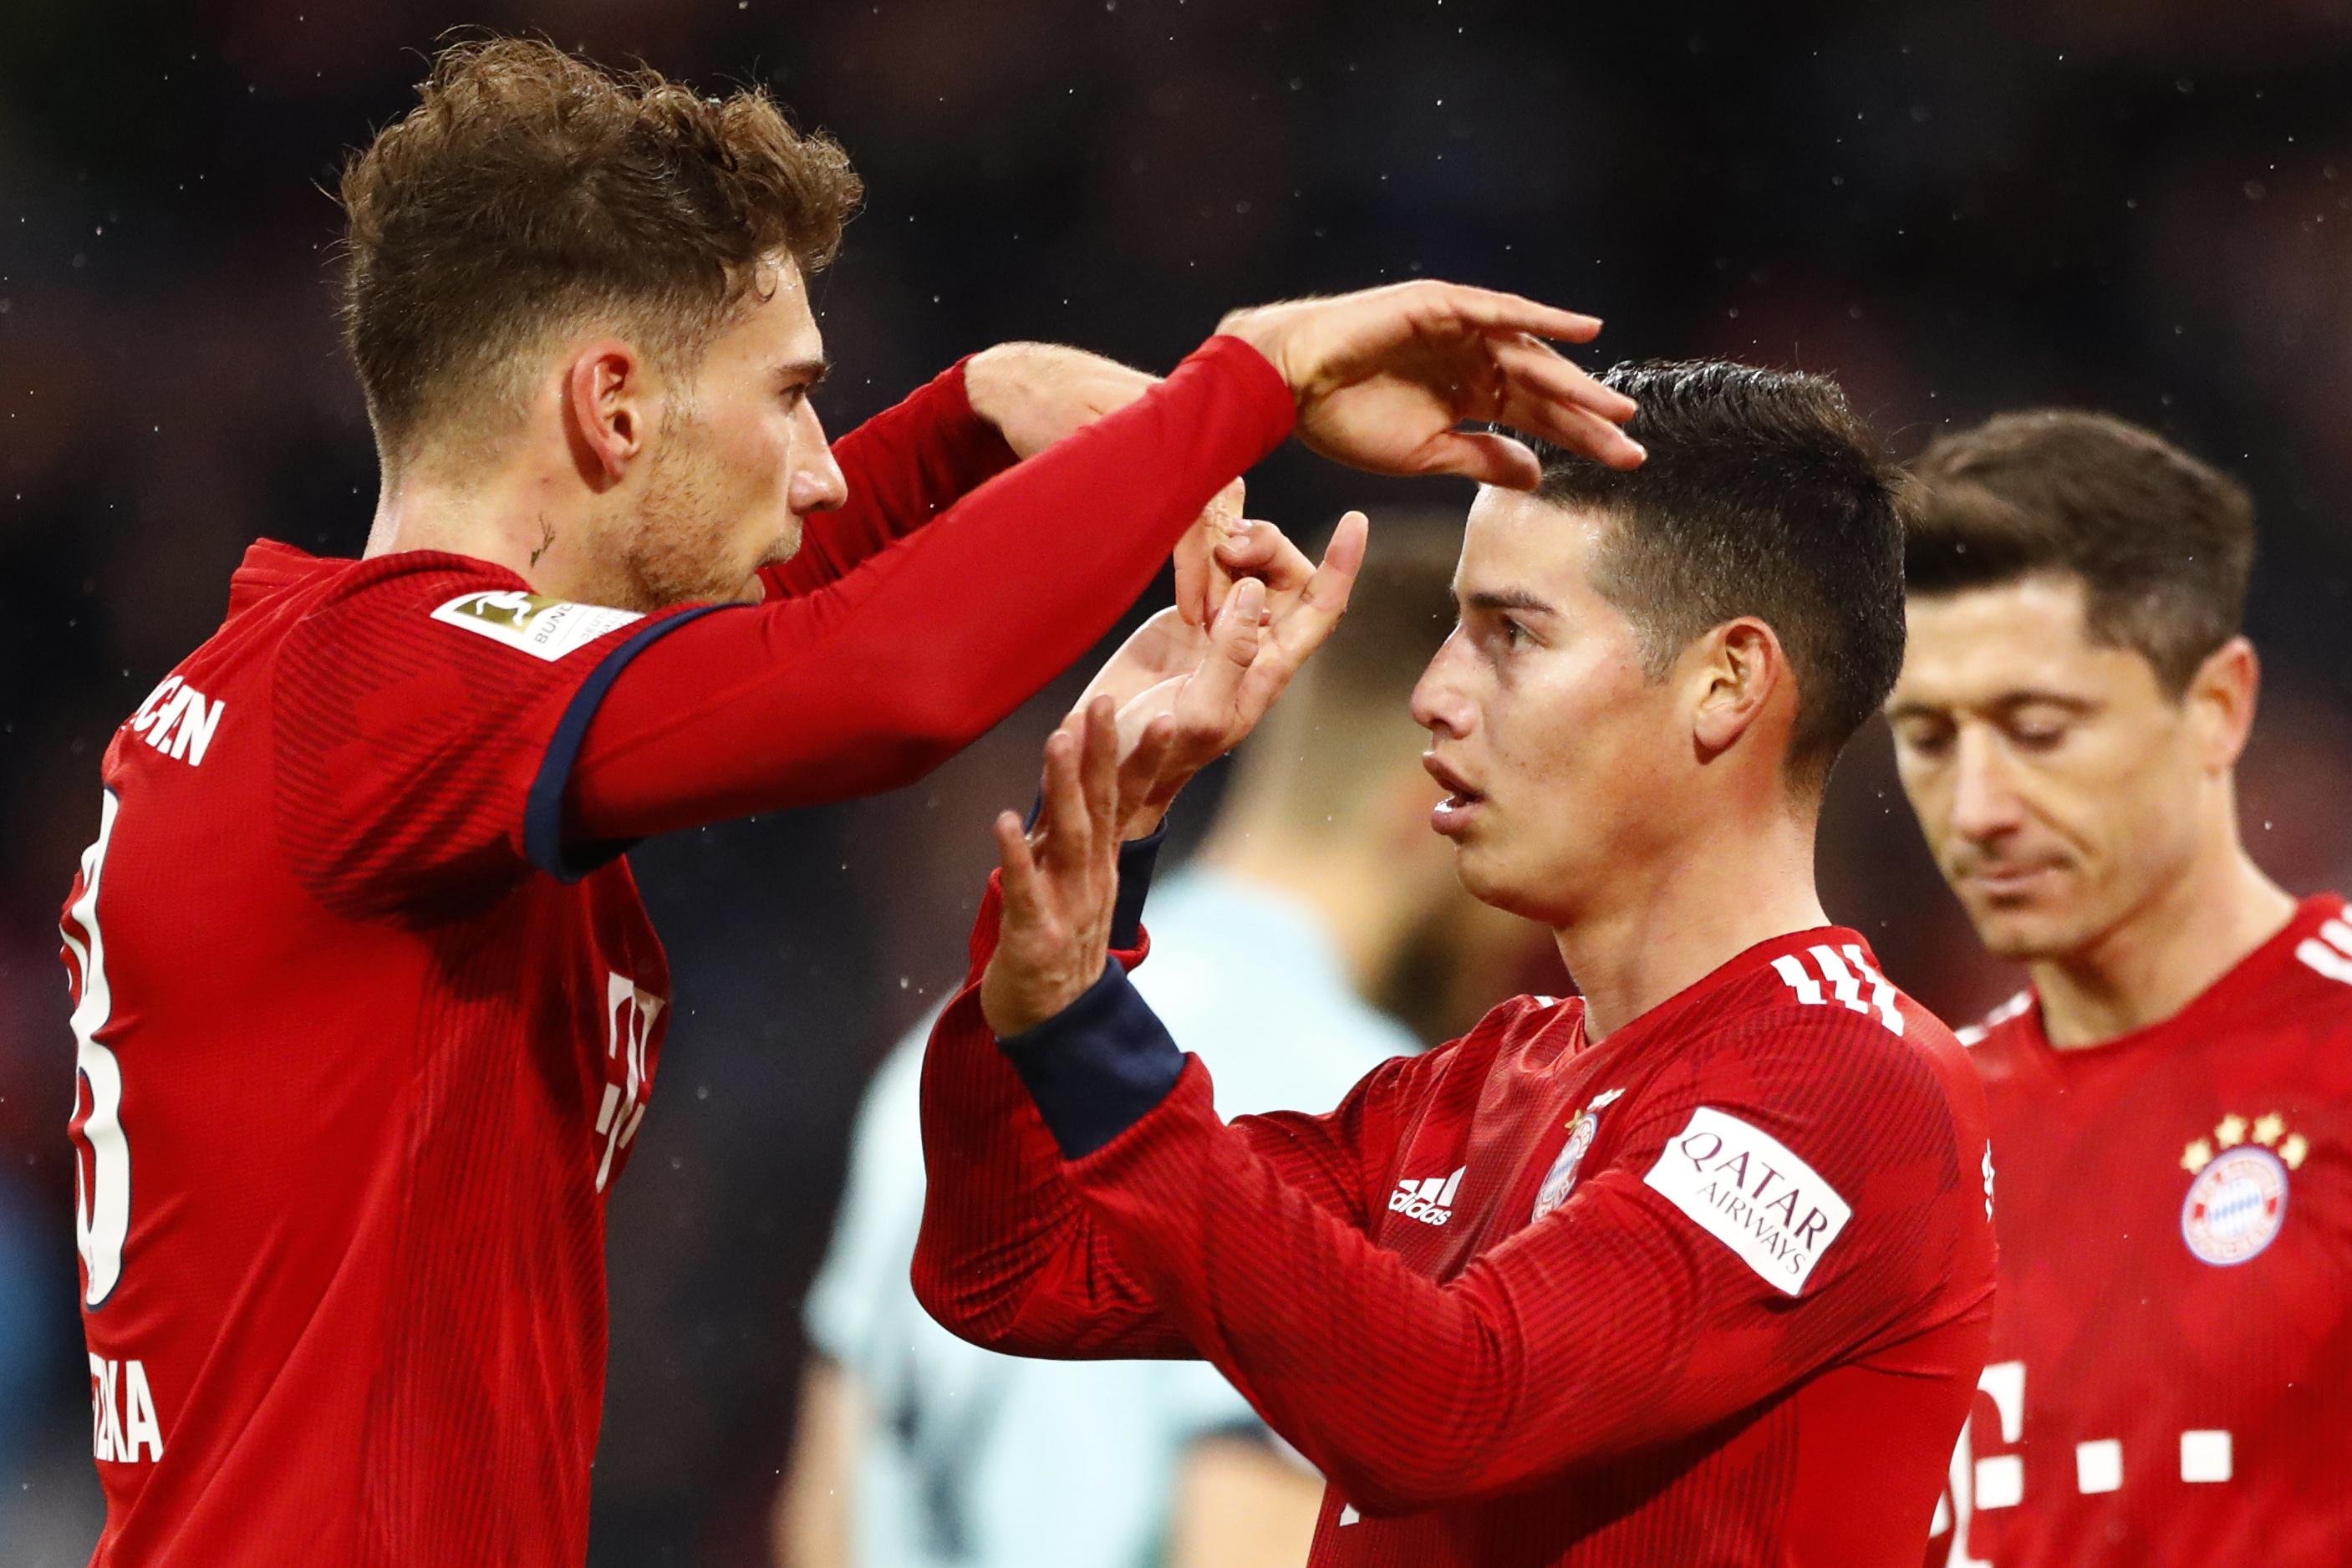 Bremen counters to beat Leverkusen 3-1 in Bundesliga